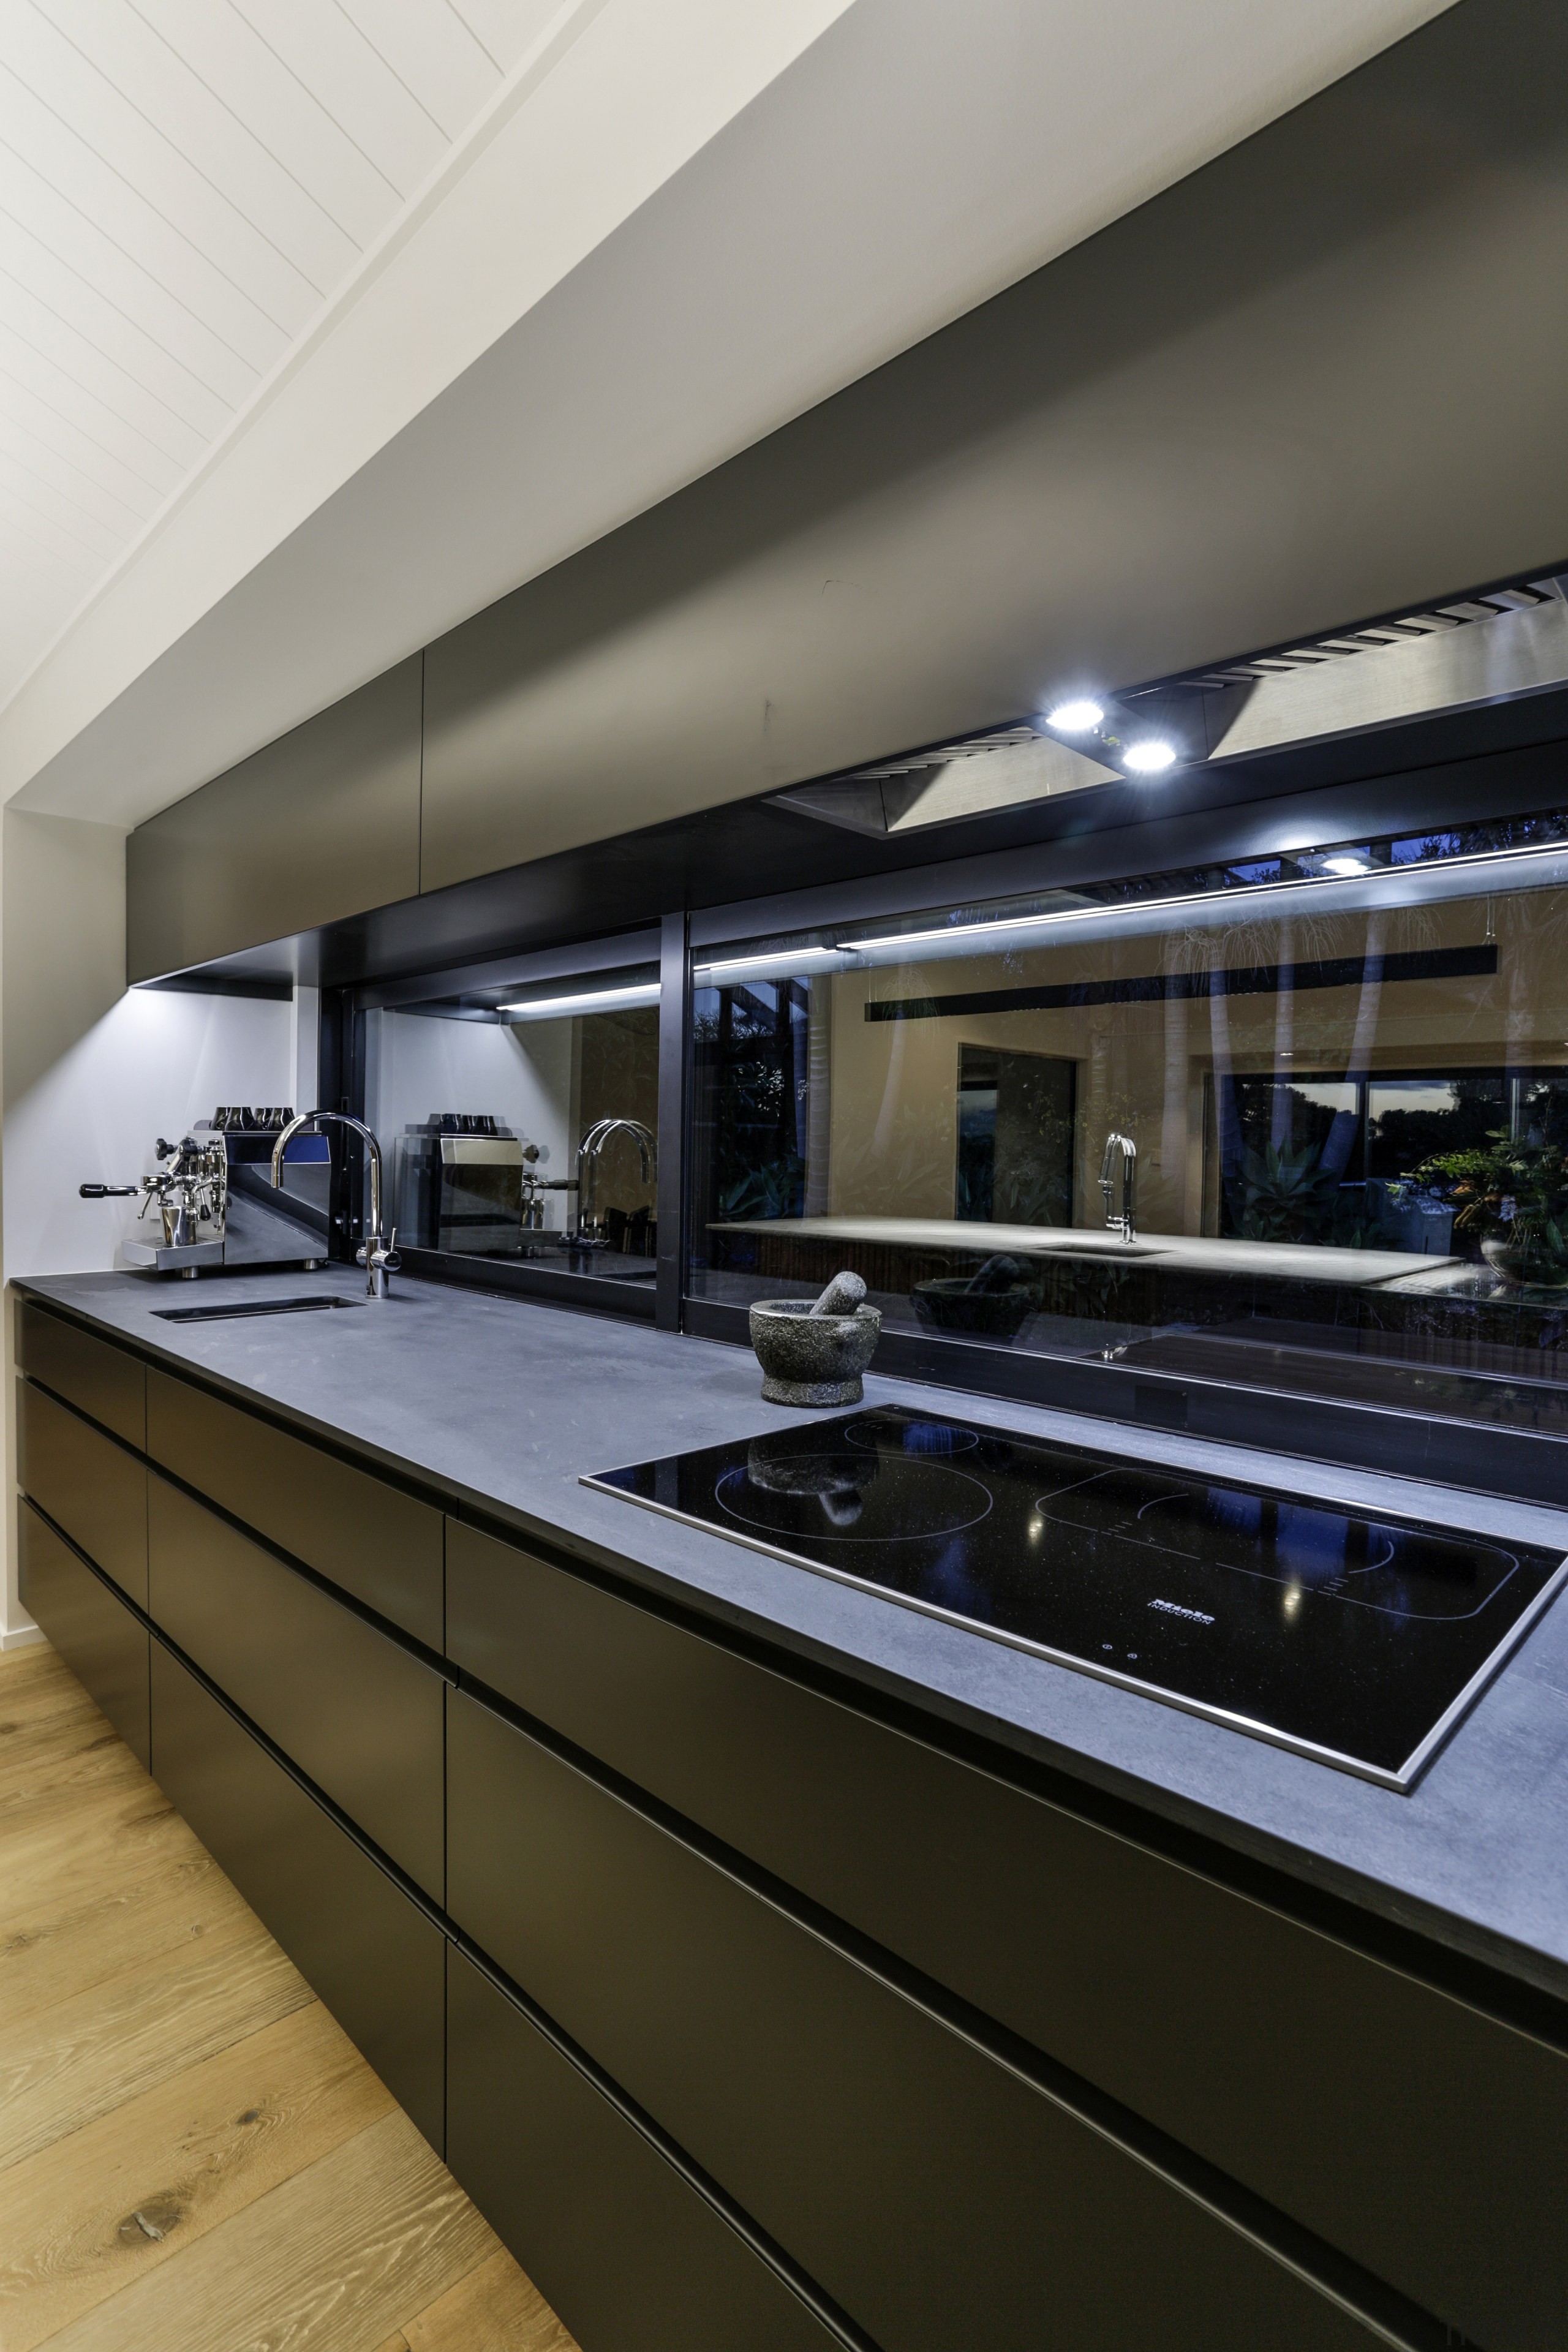 Half Moon Bay - countertop | interior design countertop, interior design, kitchen, gray, black, brown